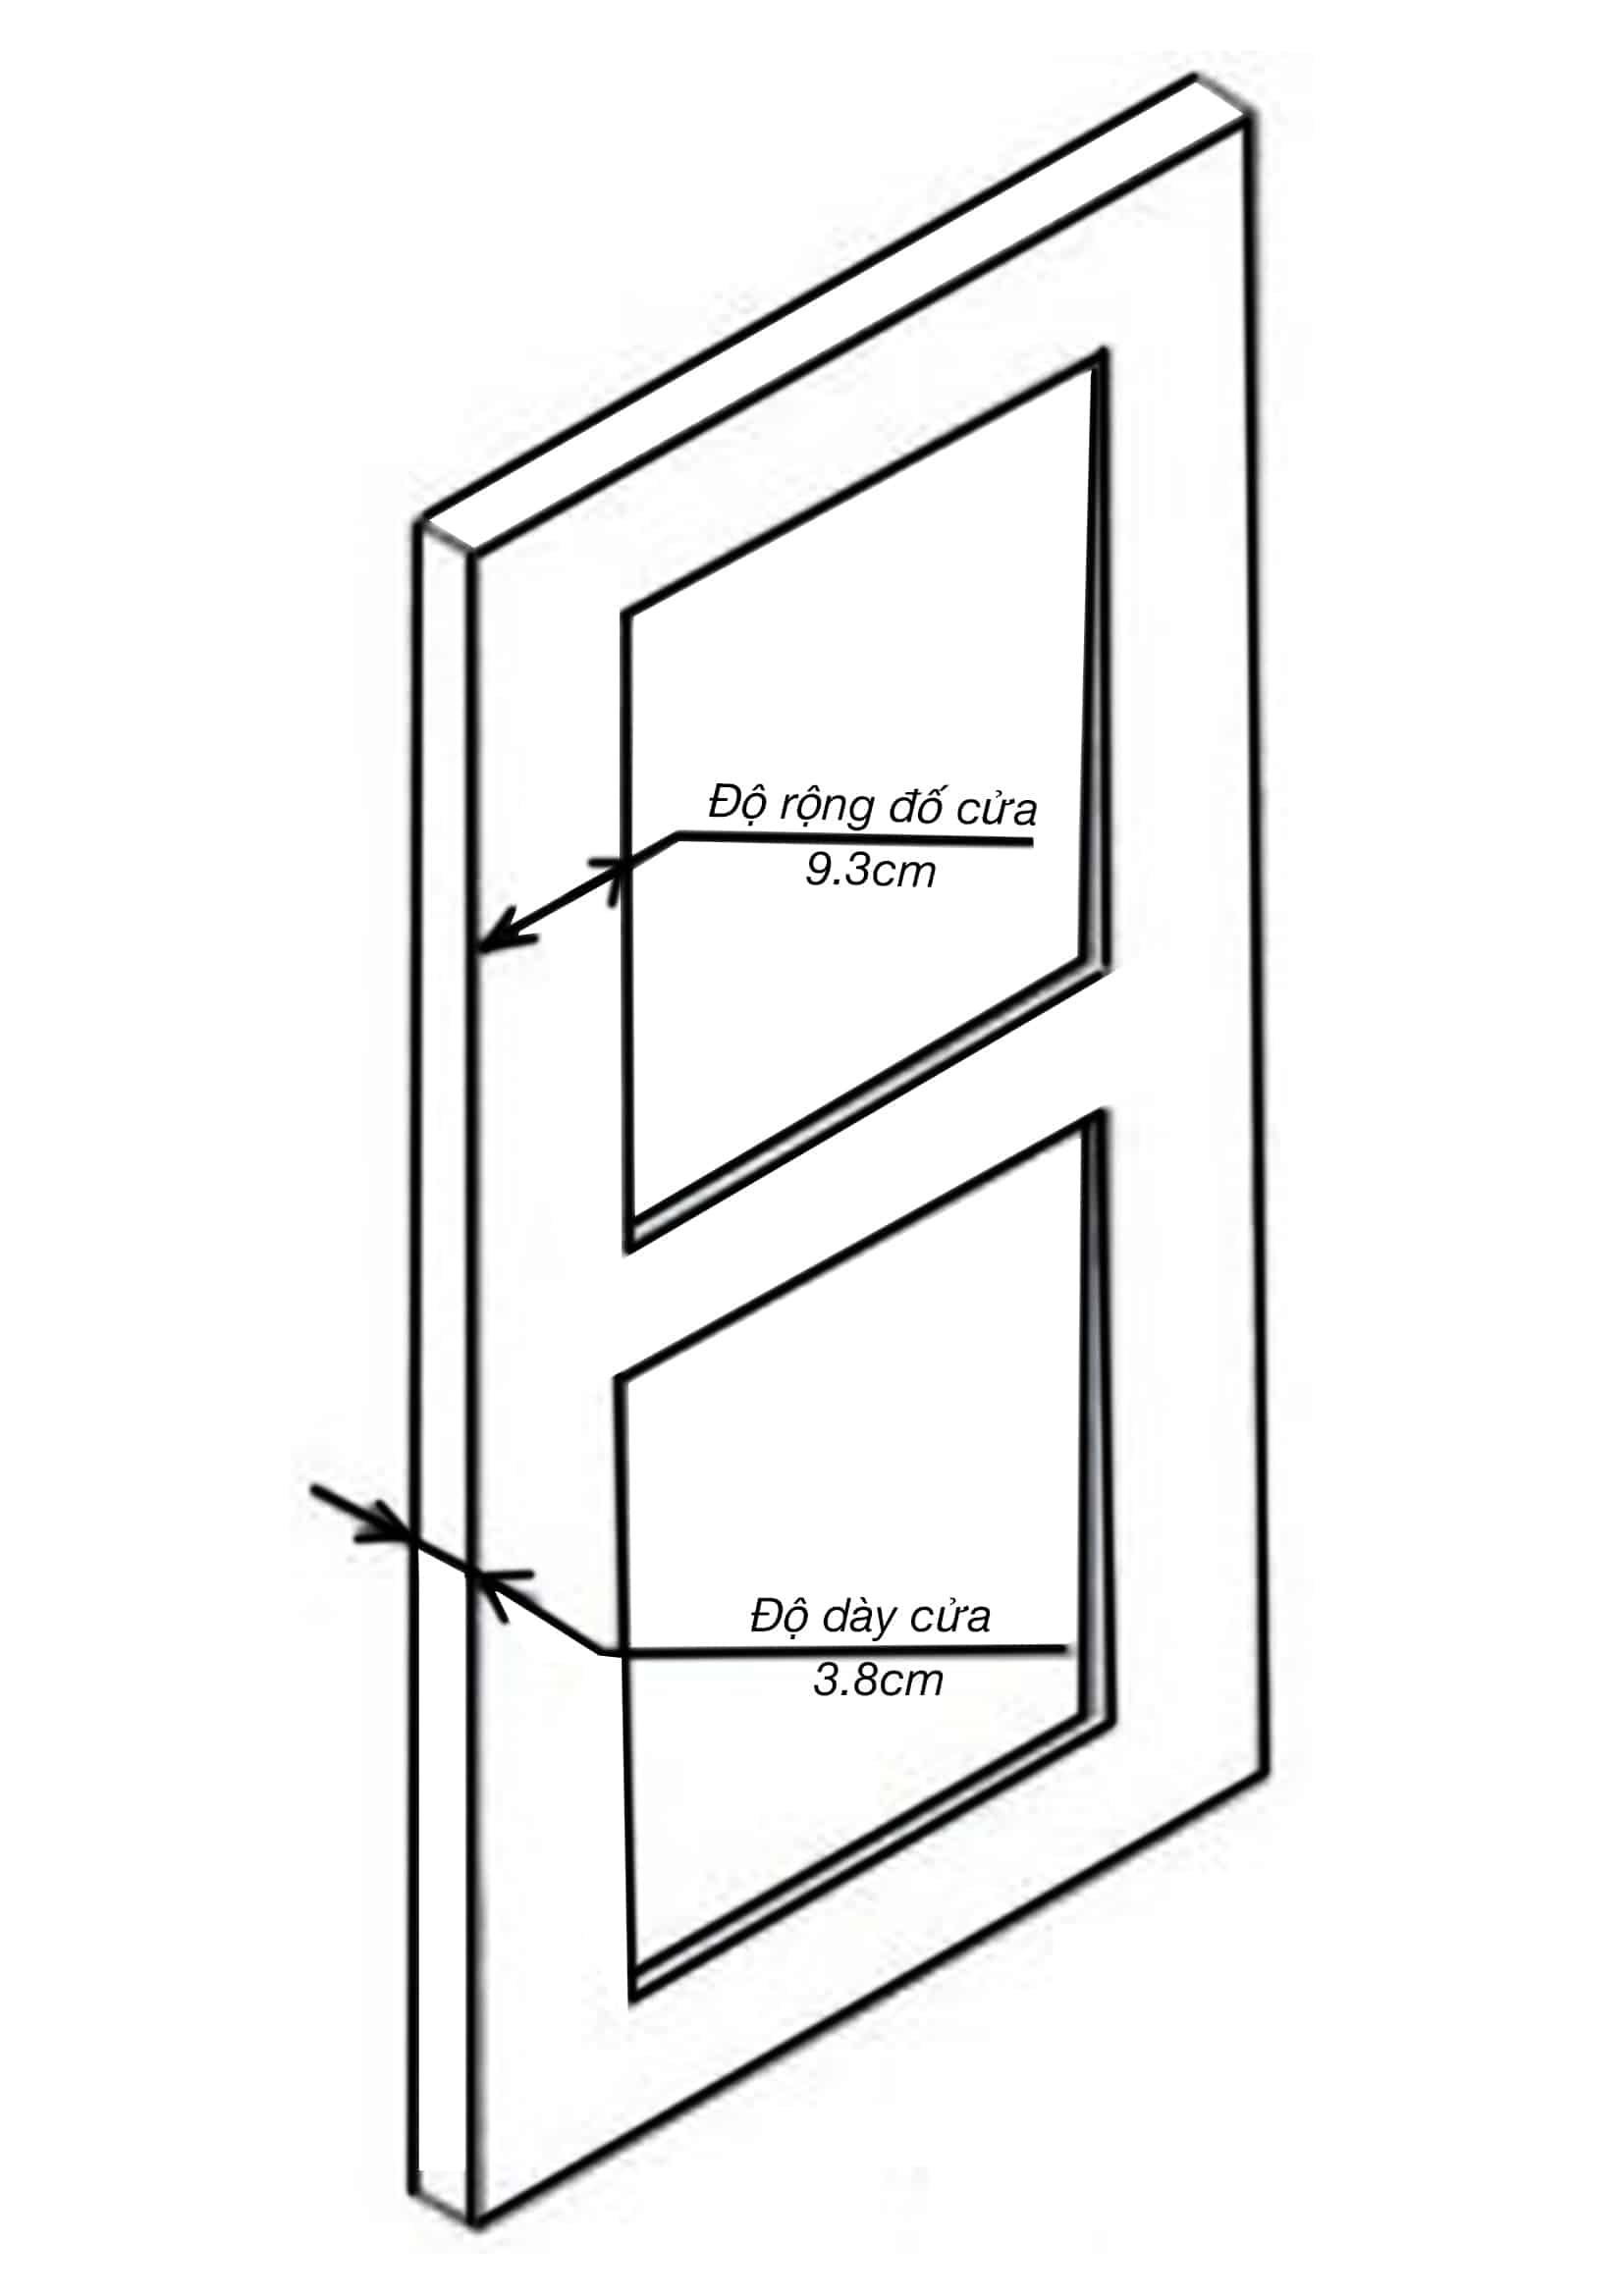 tiêu chuẩn cửa để lắp khóa vân tay